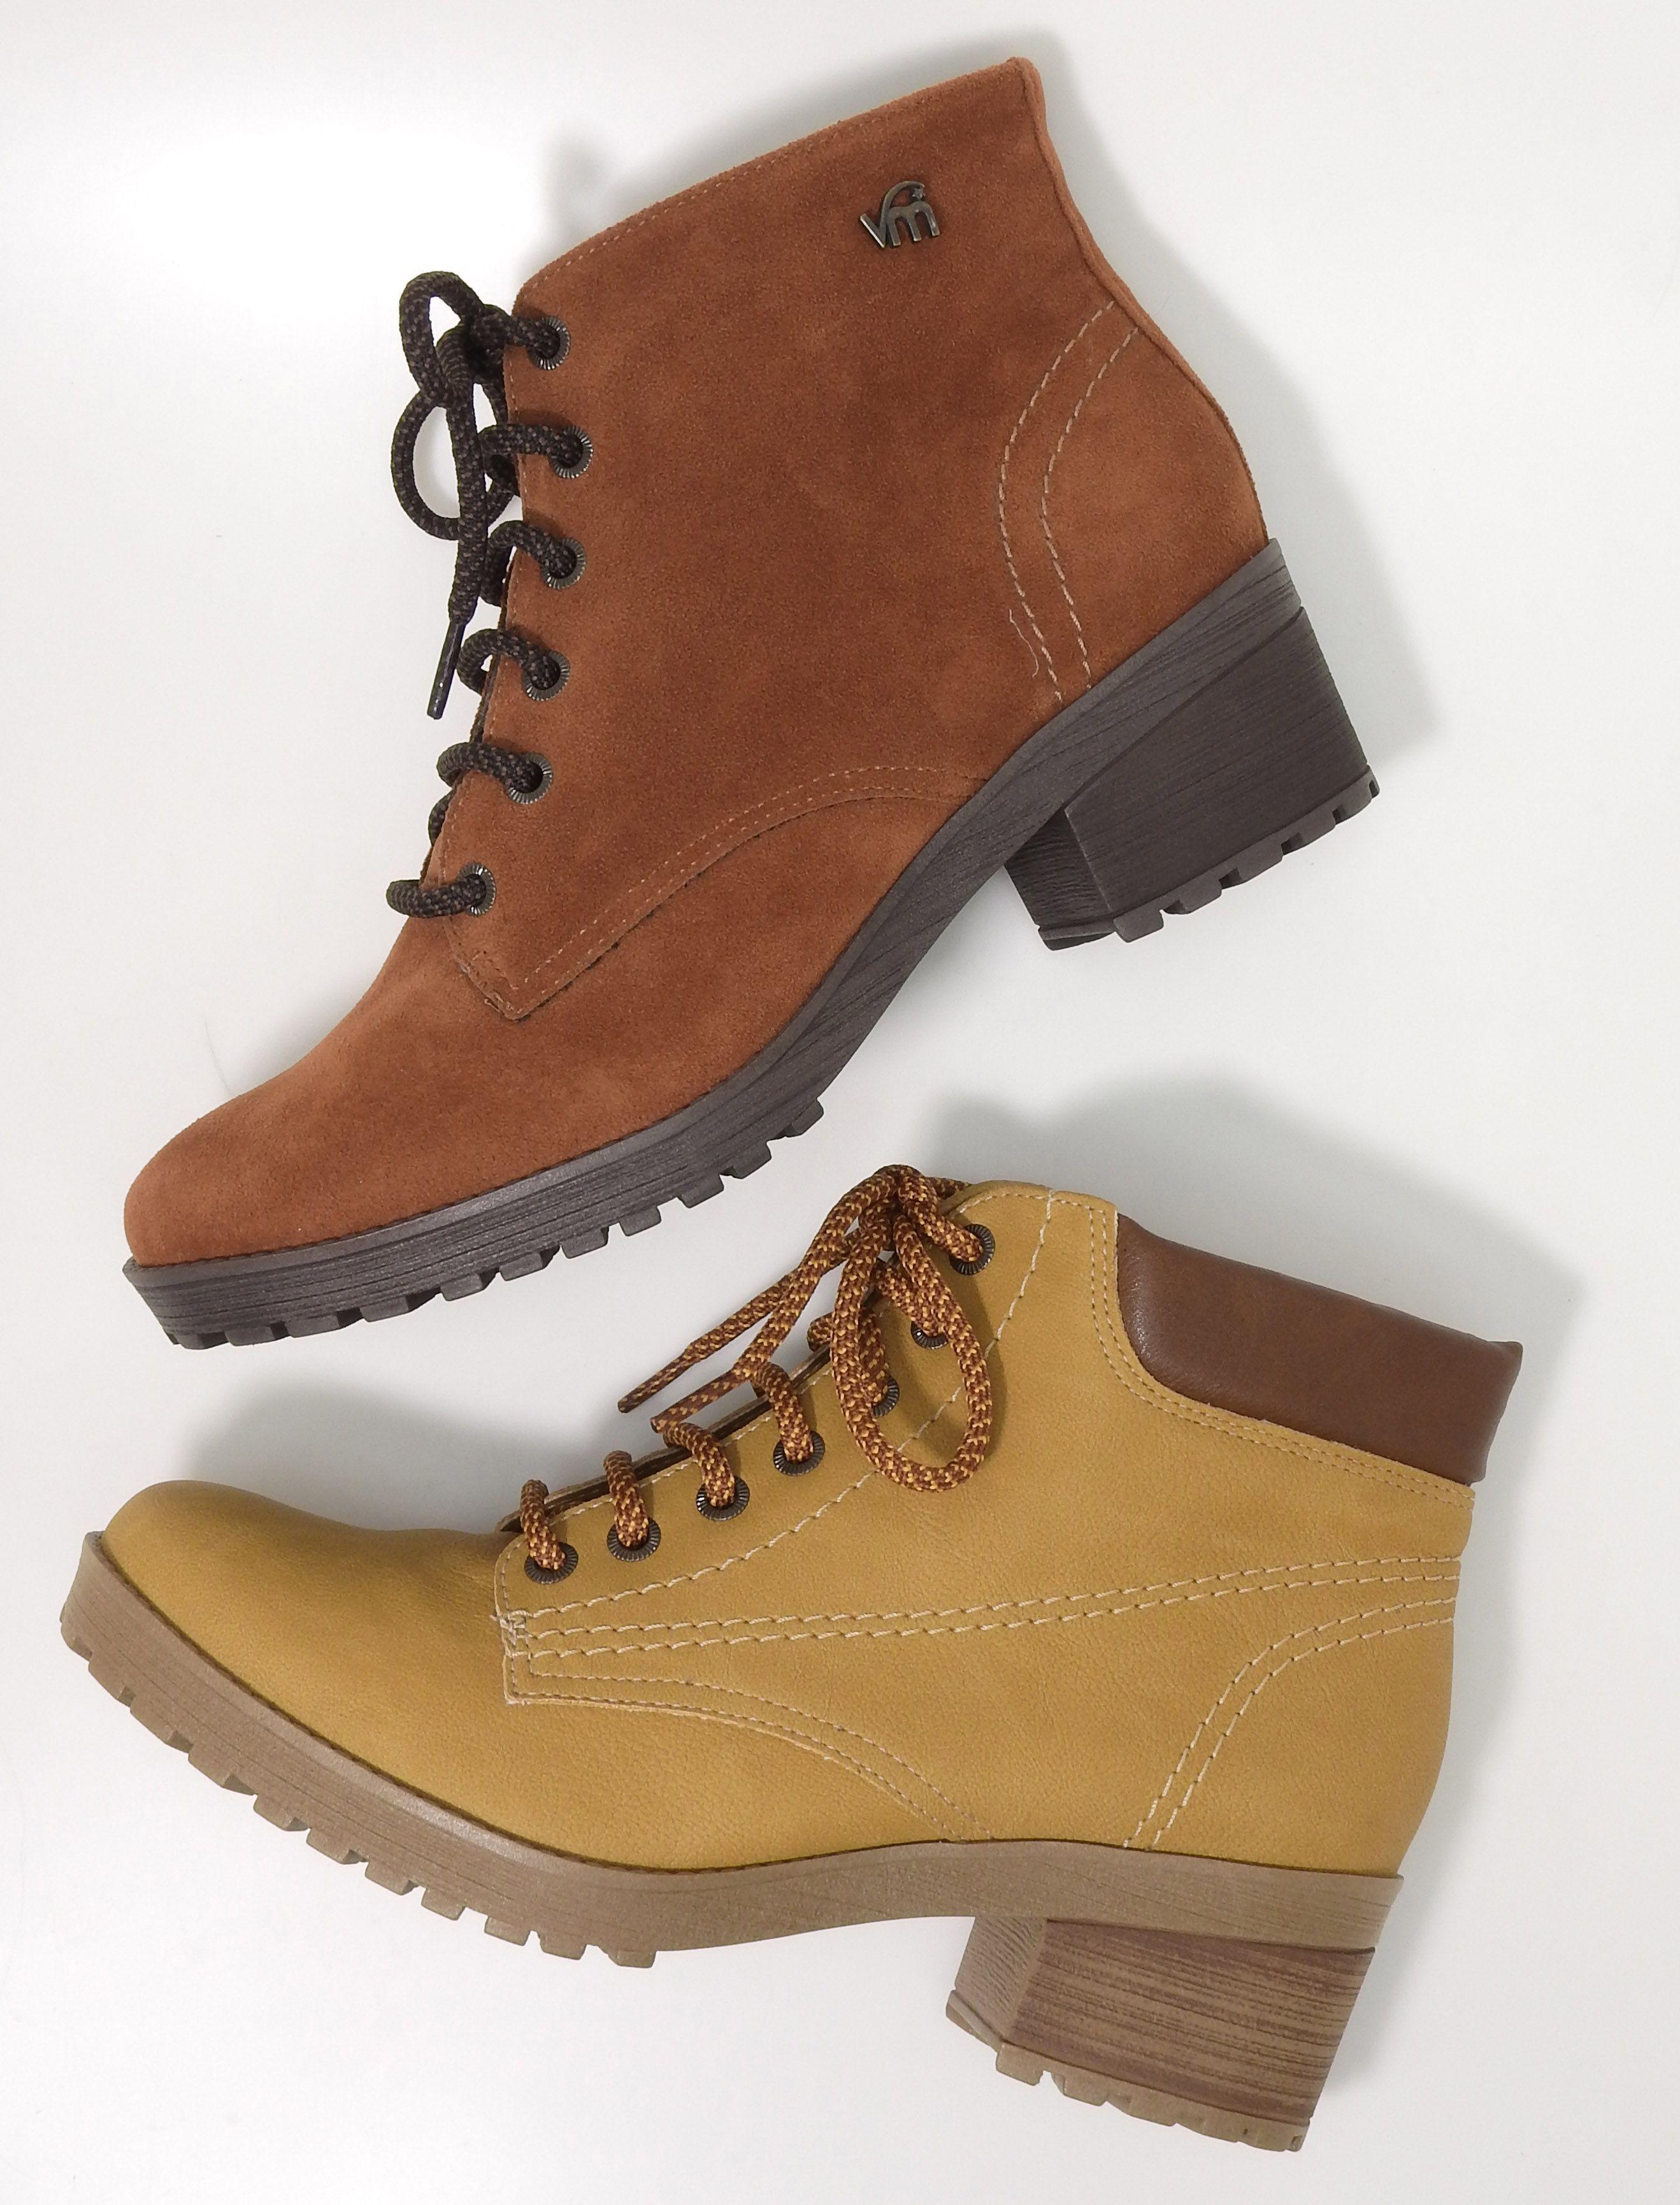 0d6599f156 boots - botas - coturnos - botas de cano curto - cores - Ref. 16-4905